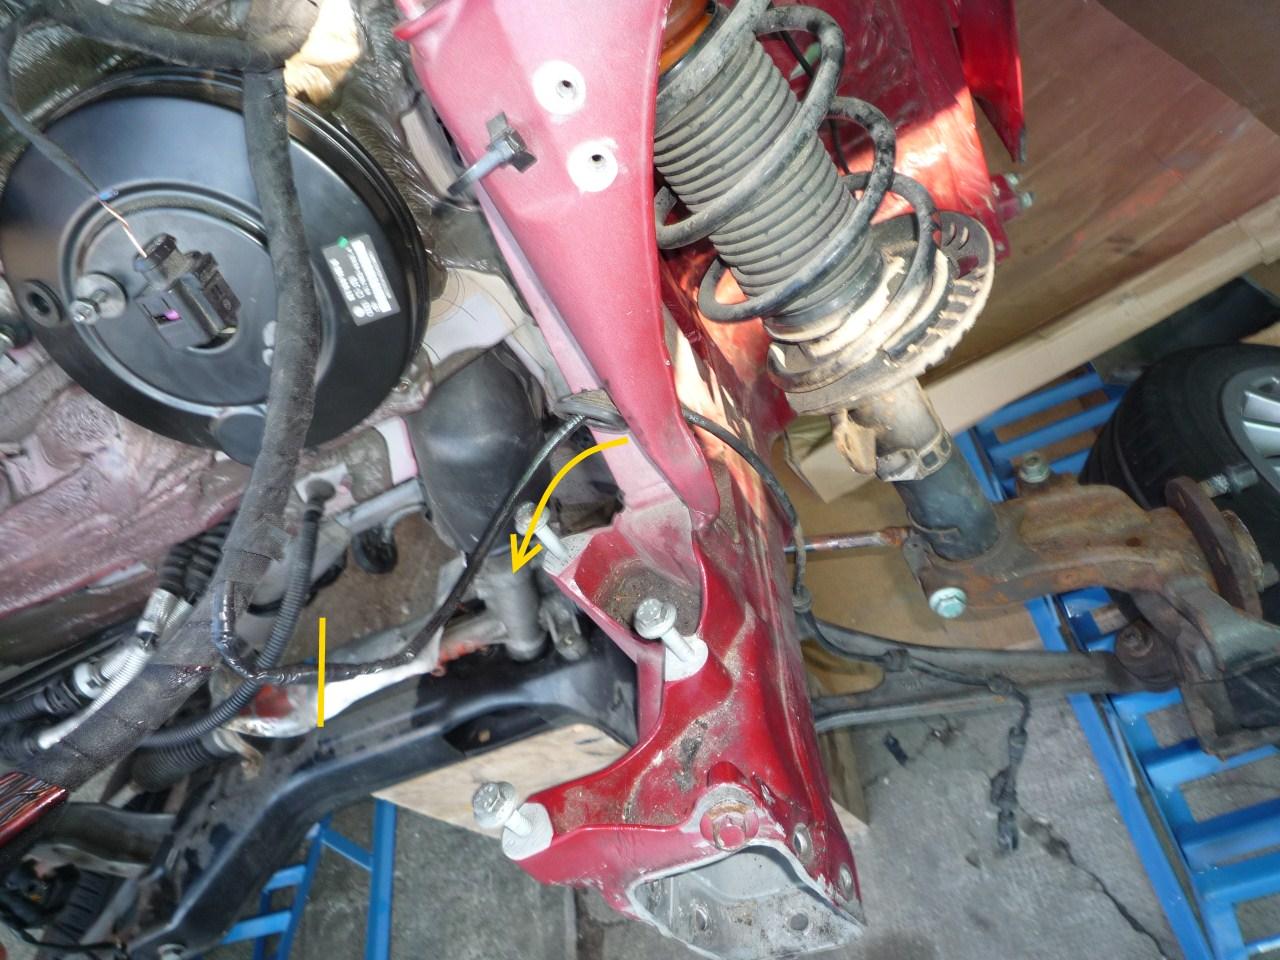 ABS-Kabel_Fahrerseite_Trennstelle.jpg.16b3c3cc16c224fcb9a606cccbe50b43.jpg